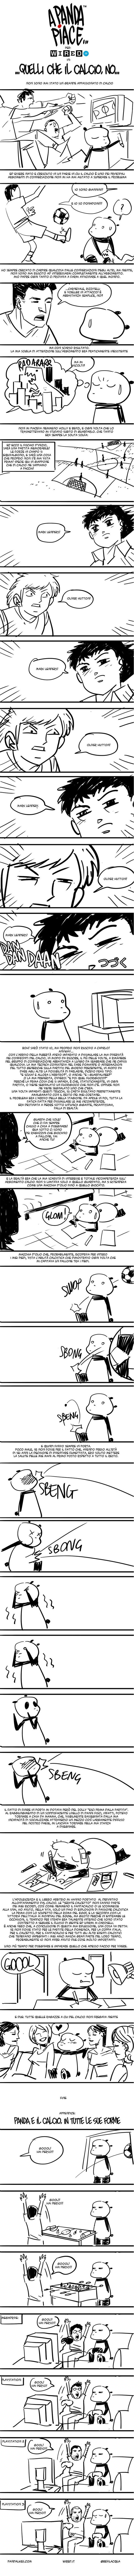 A Panda piace...Quelli che il calcio, no - Wired.it